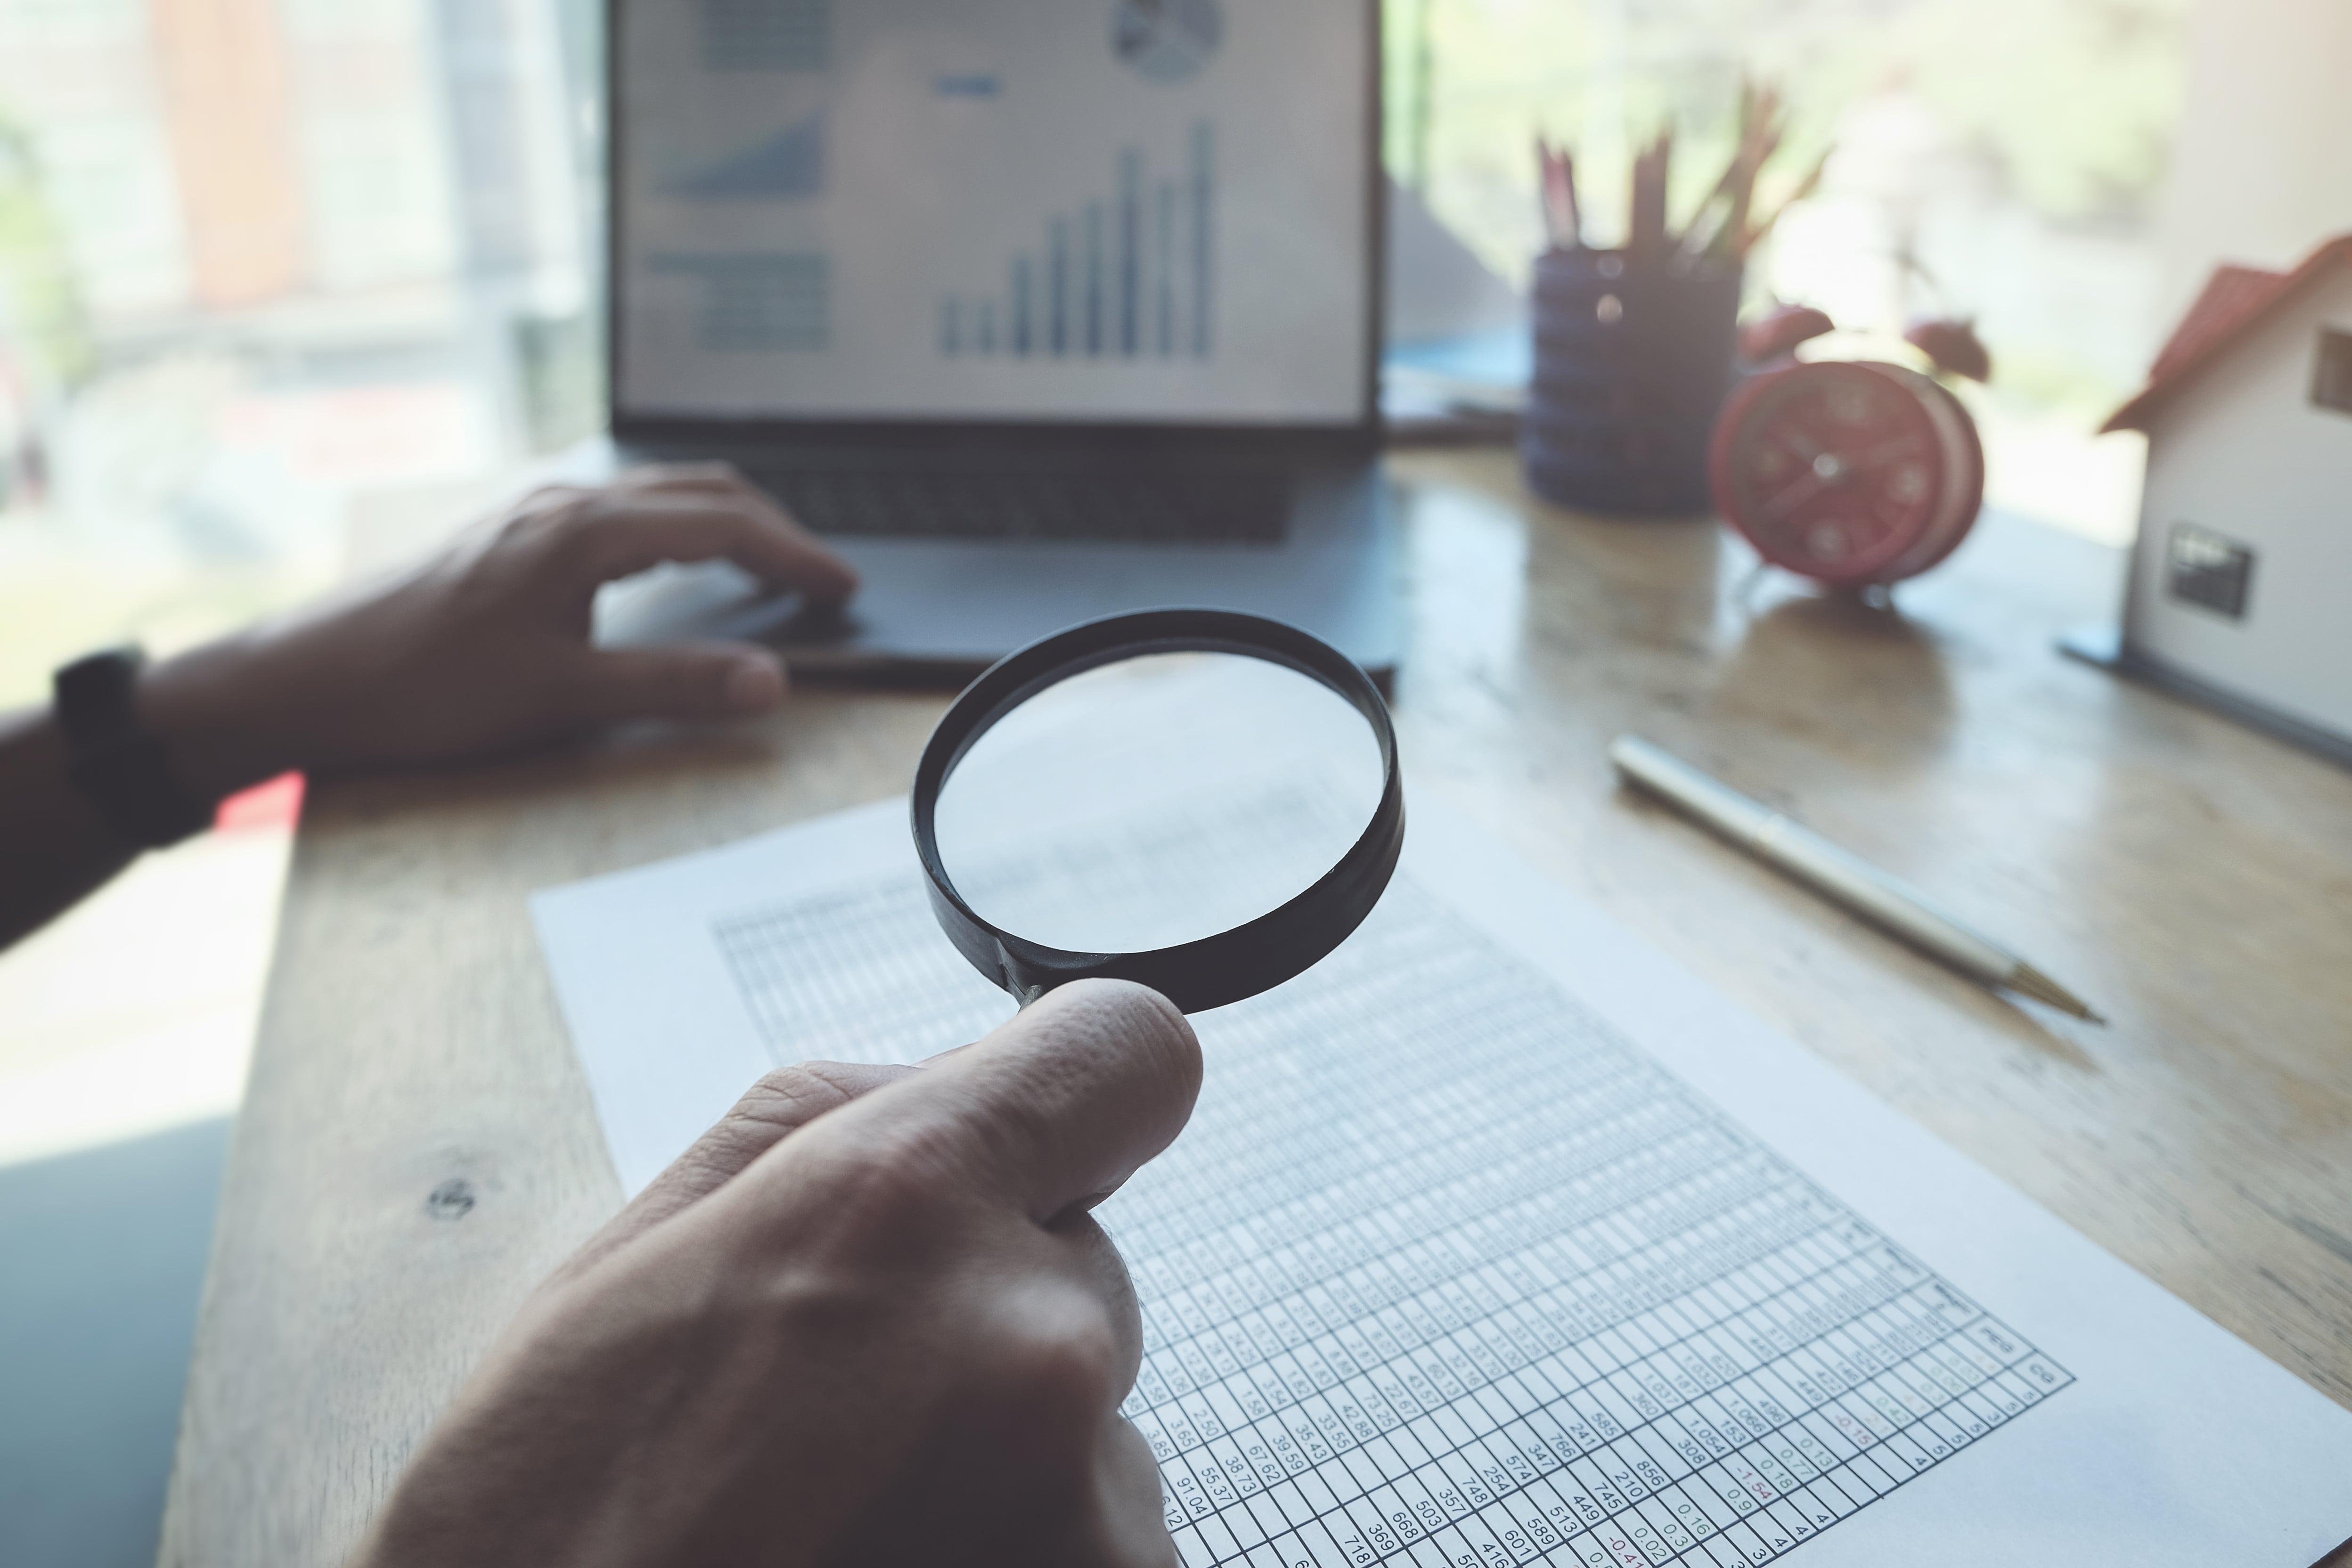 Auditoria em documentos fiscais: como prevenir erros na entrega dos SPEDs